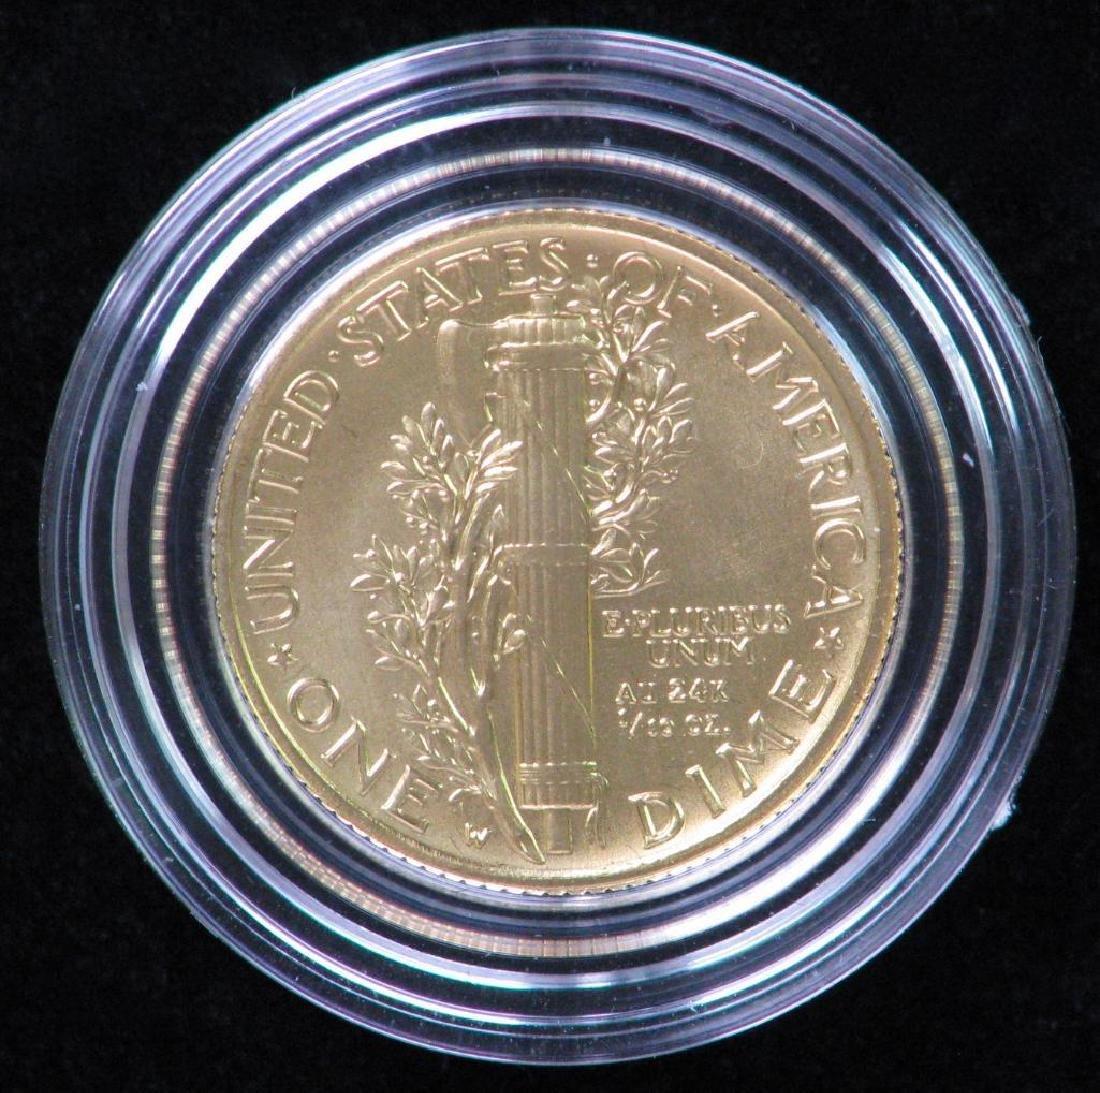 2016-W Mercury Dime Centennial Gold Coin - 2